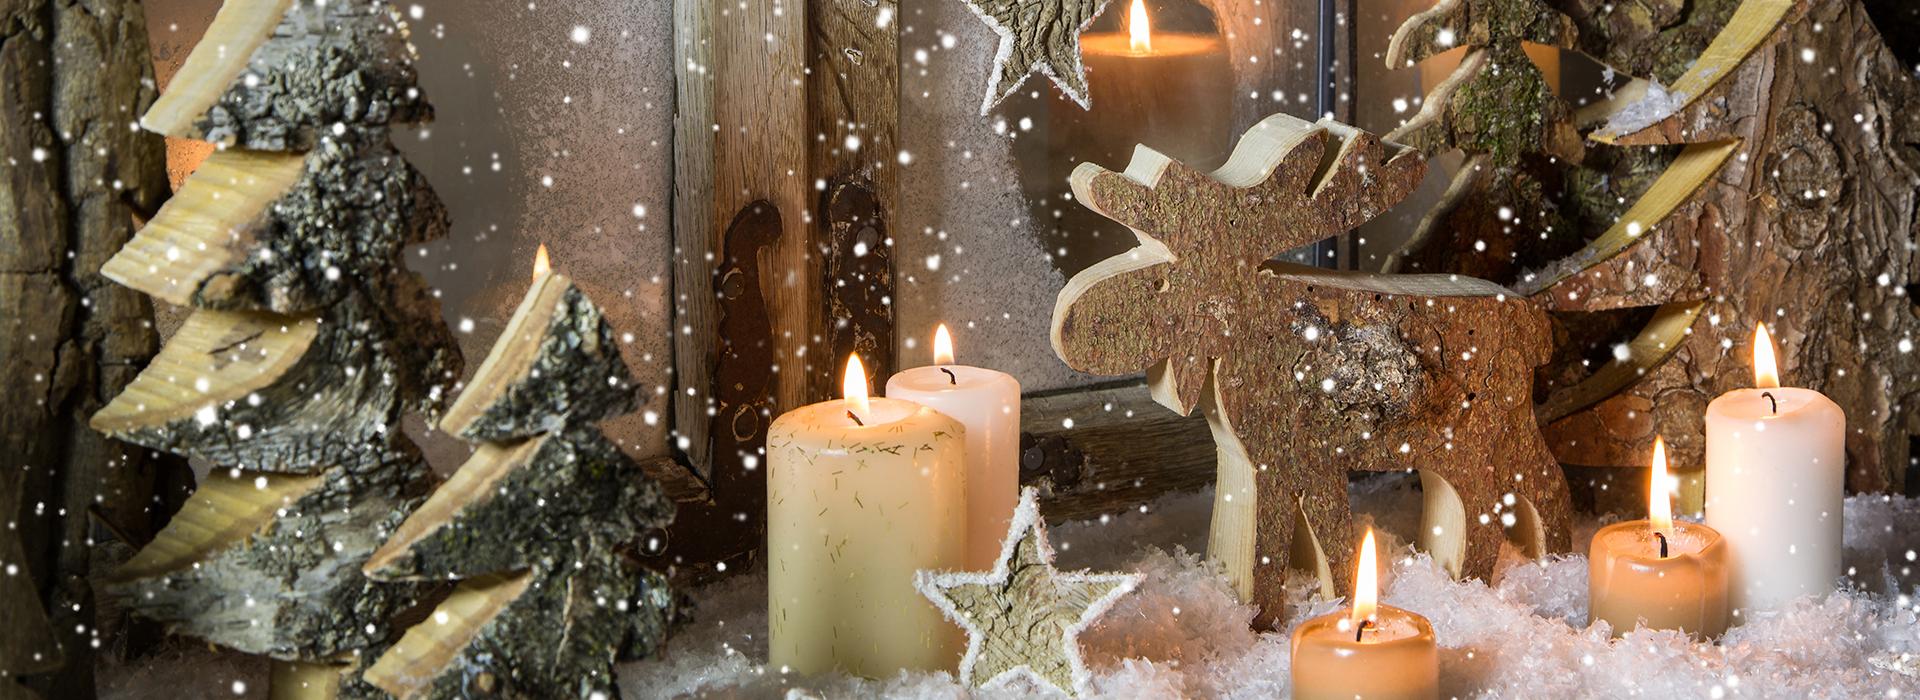 Weihnachtswochen